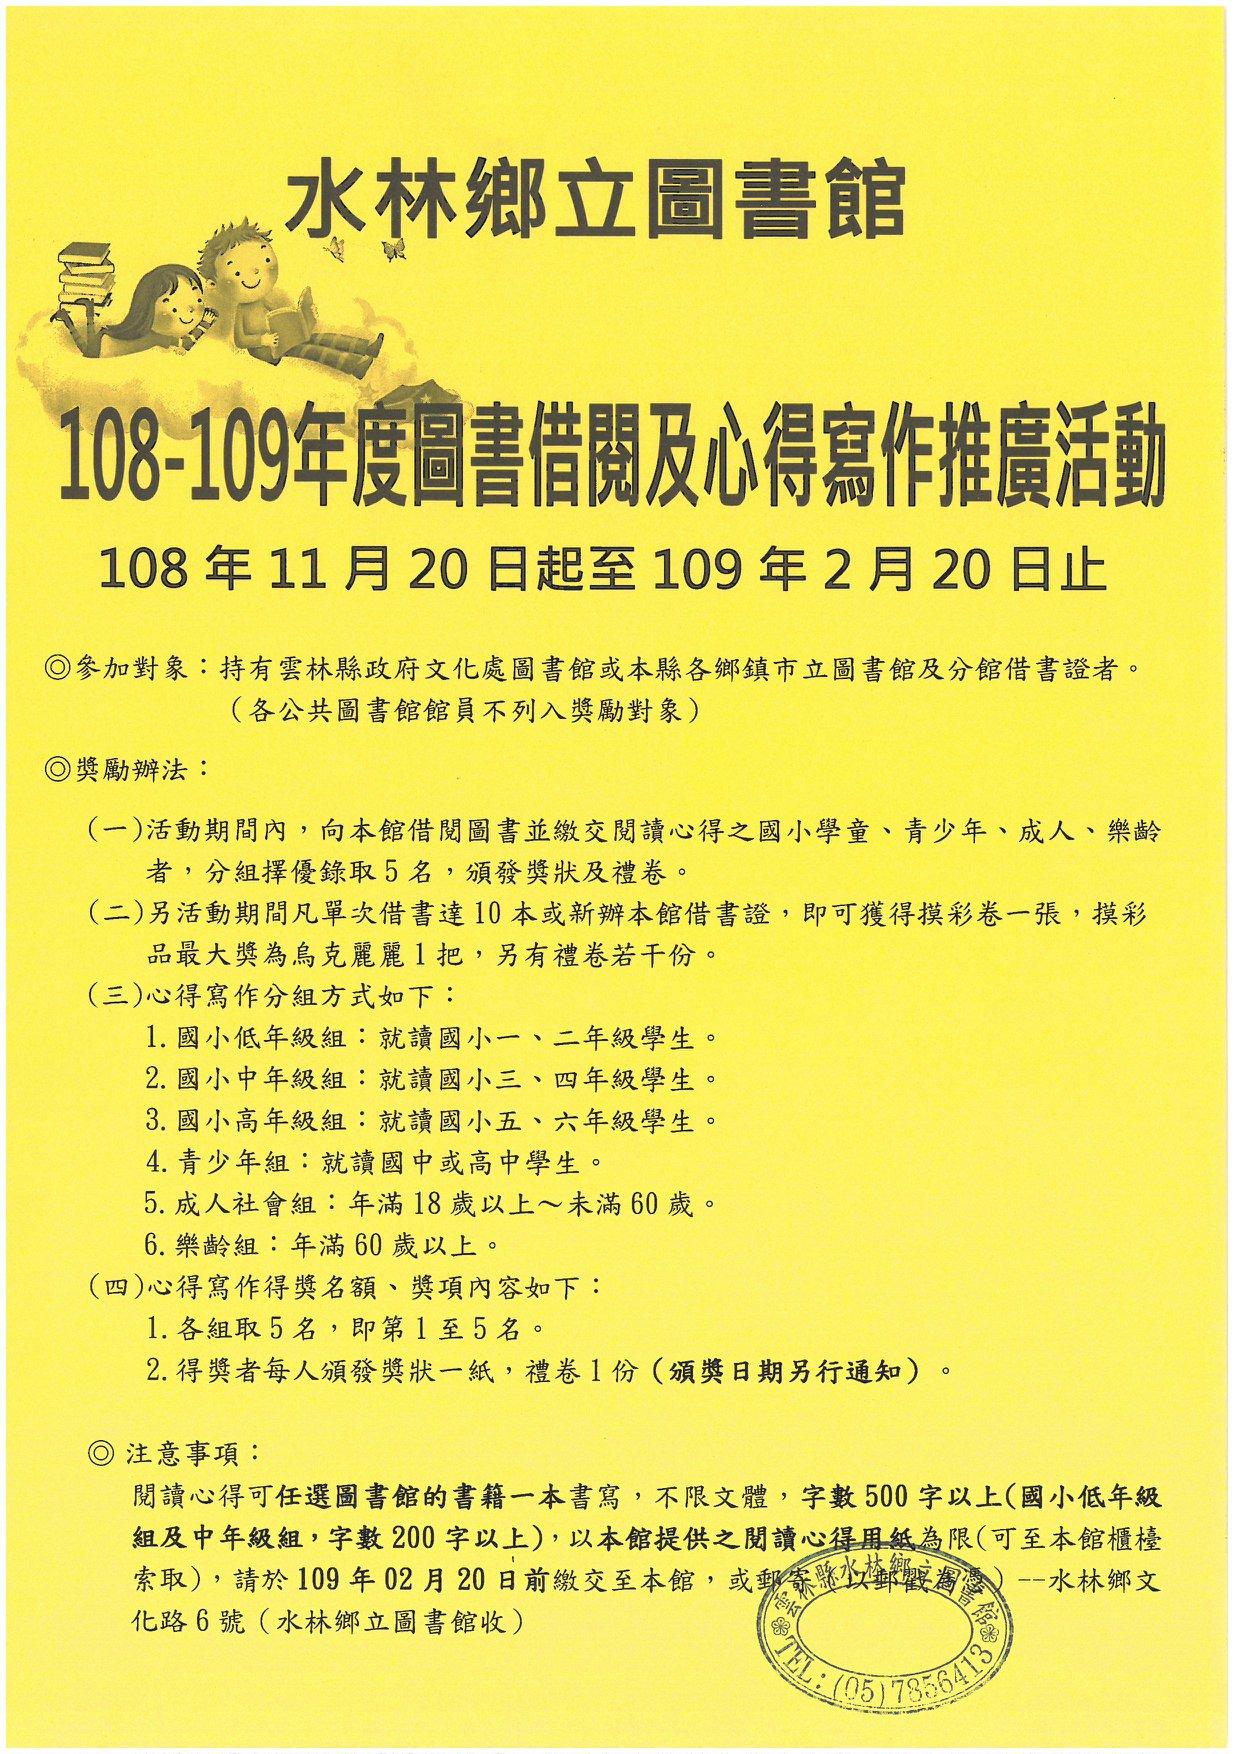 水林鄉立圖書館。108-109年度心得寫作推廣活動 EDM